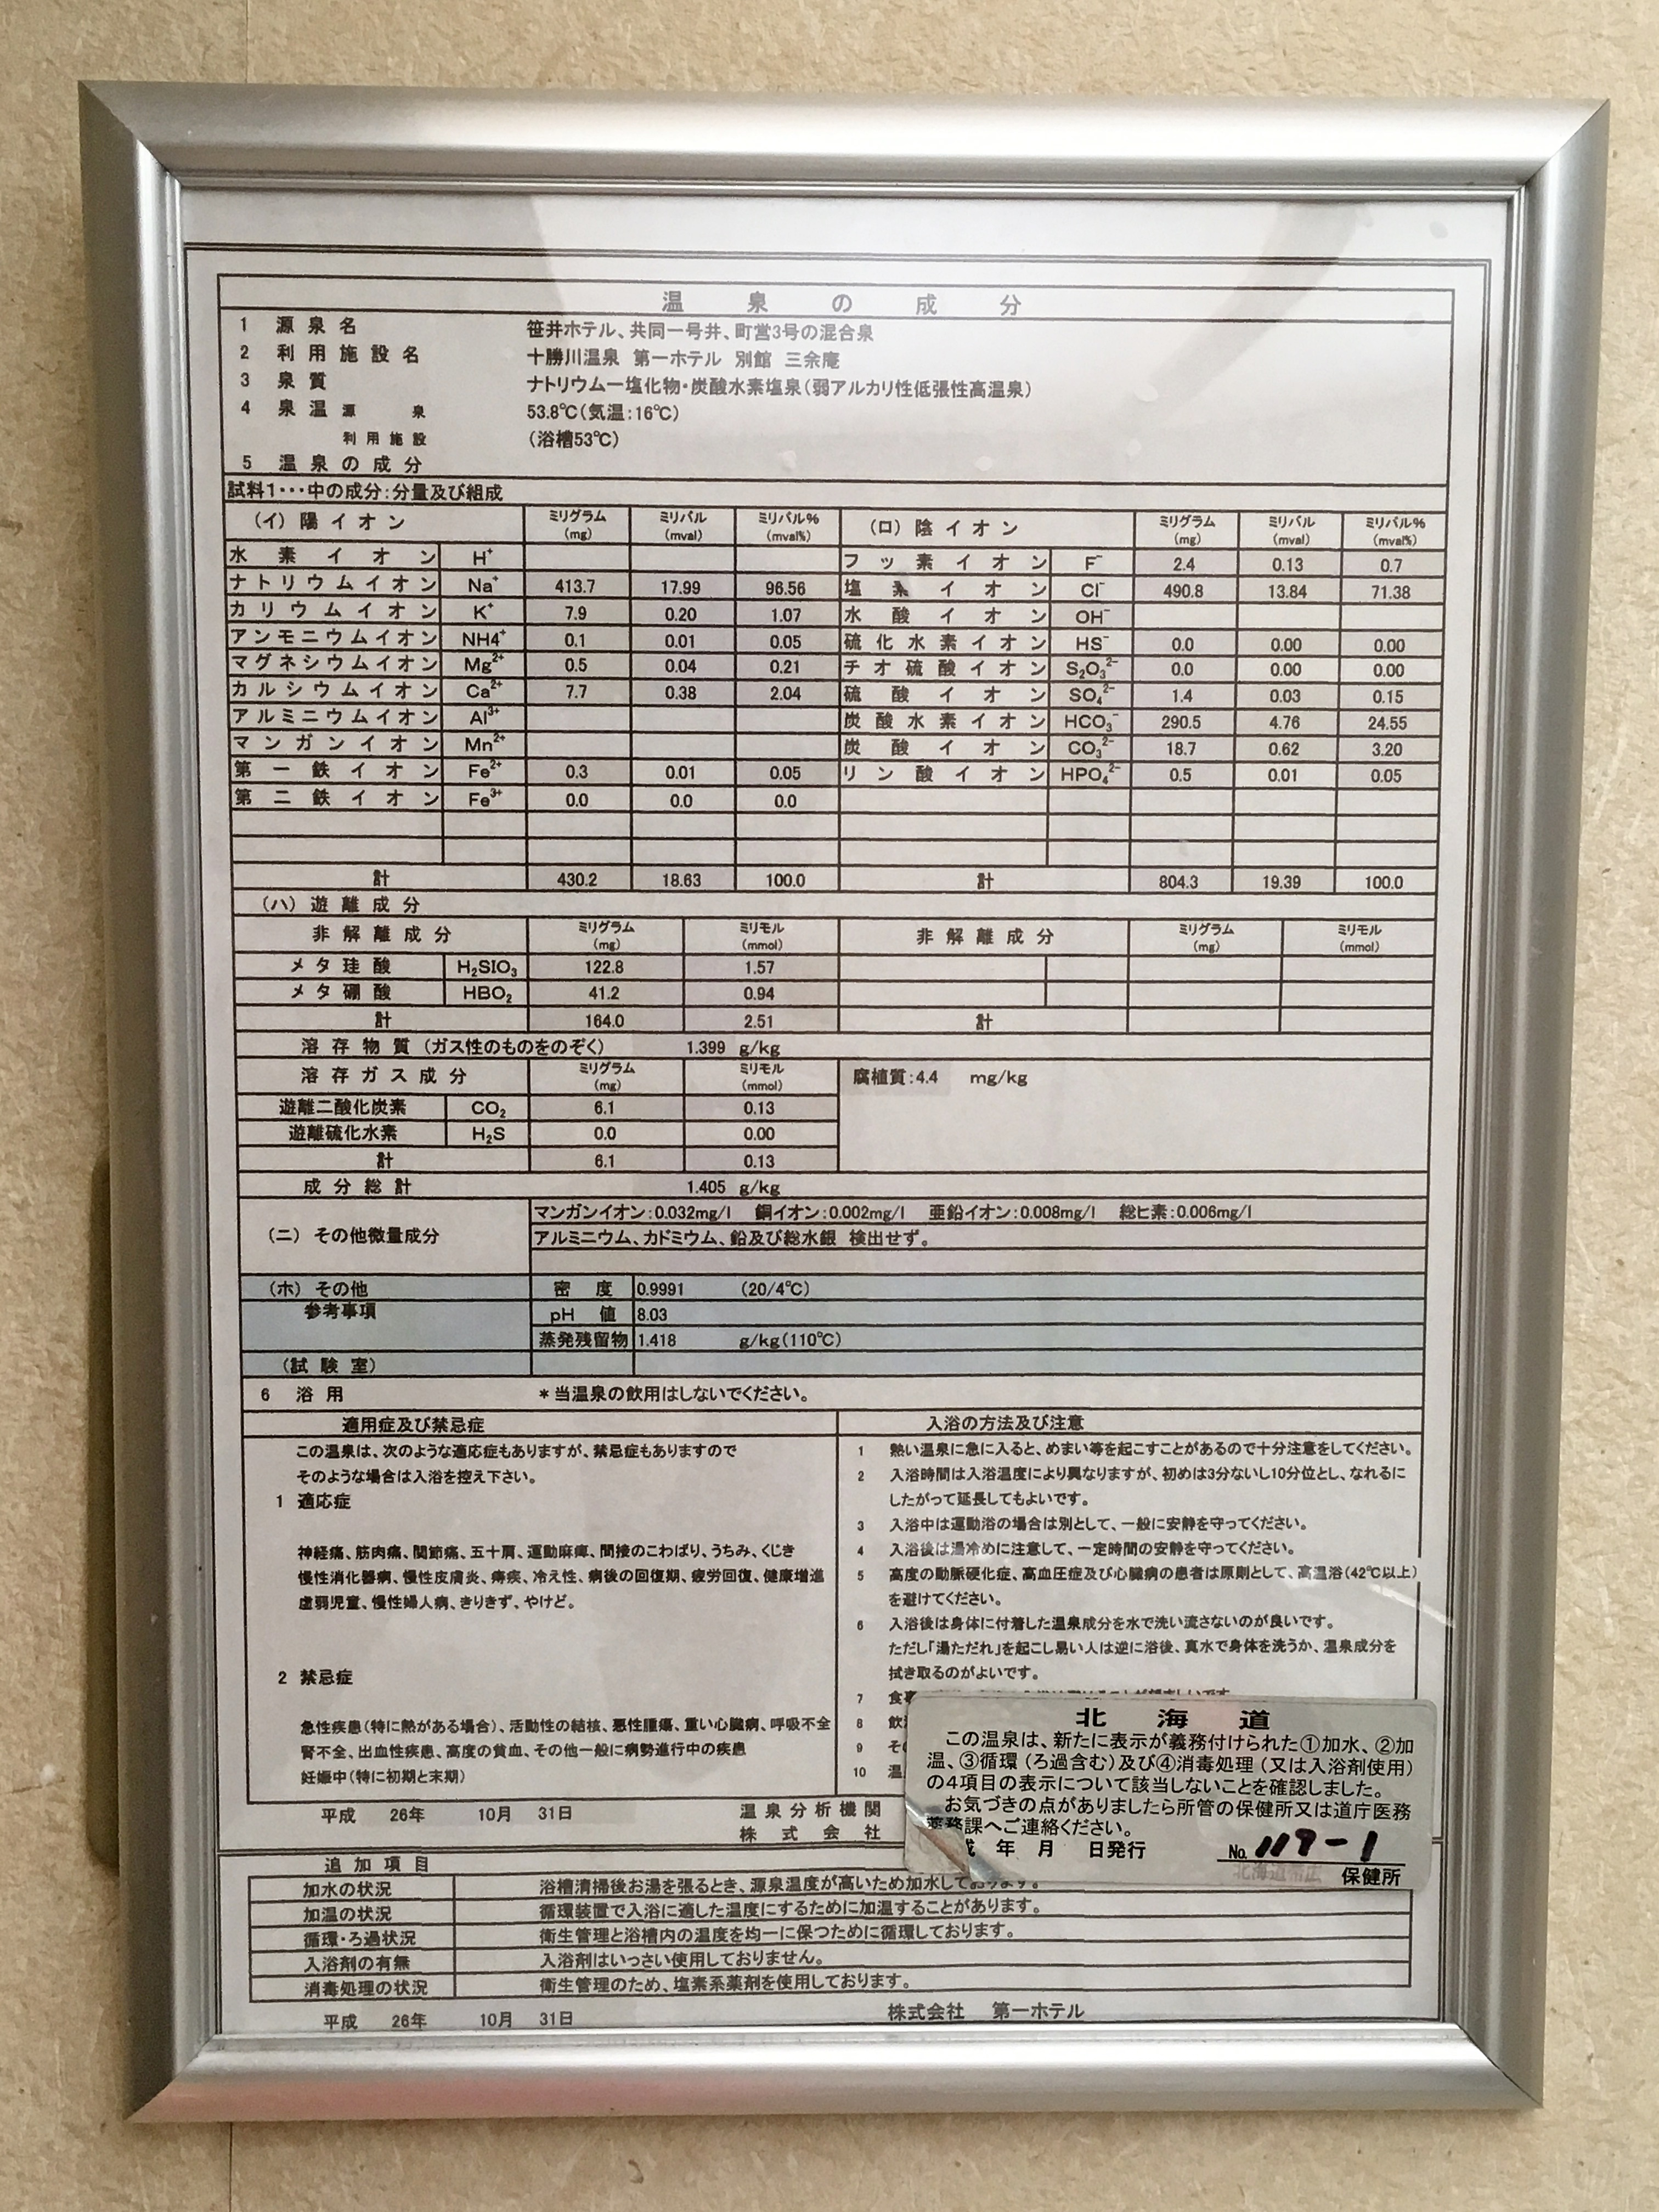 十勝川温泉第一ホテル豆陽亭 温泉分析書_181108.JPG